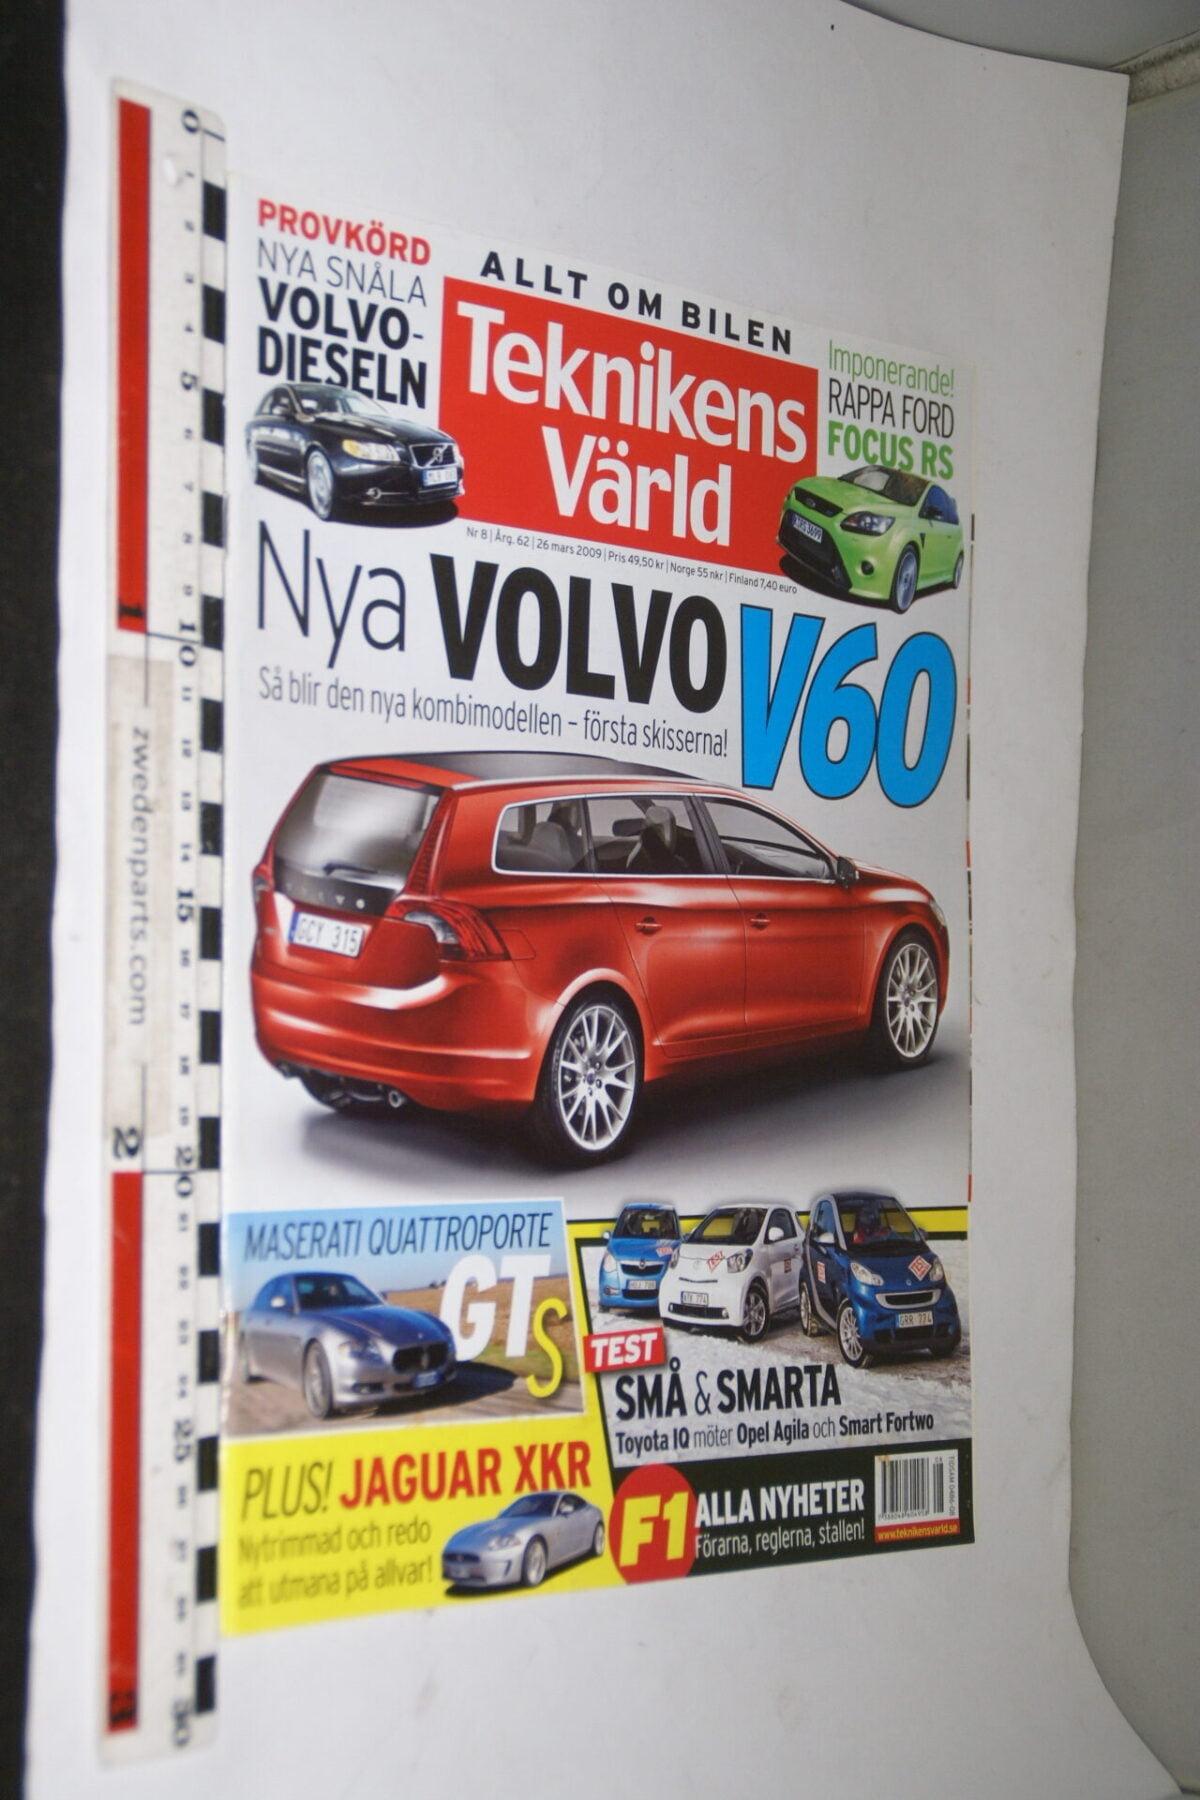 DSC08084 tijdschrift Teknikens Värld 26 maart 2009 met Volvo V60, Svenska-287b1290